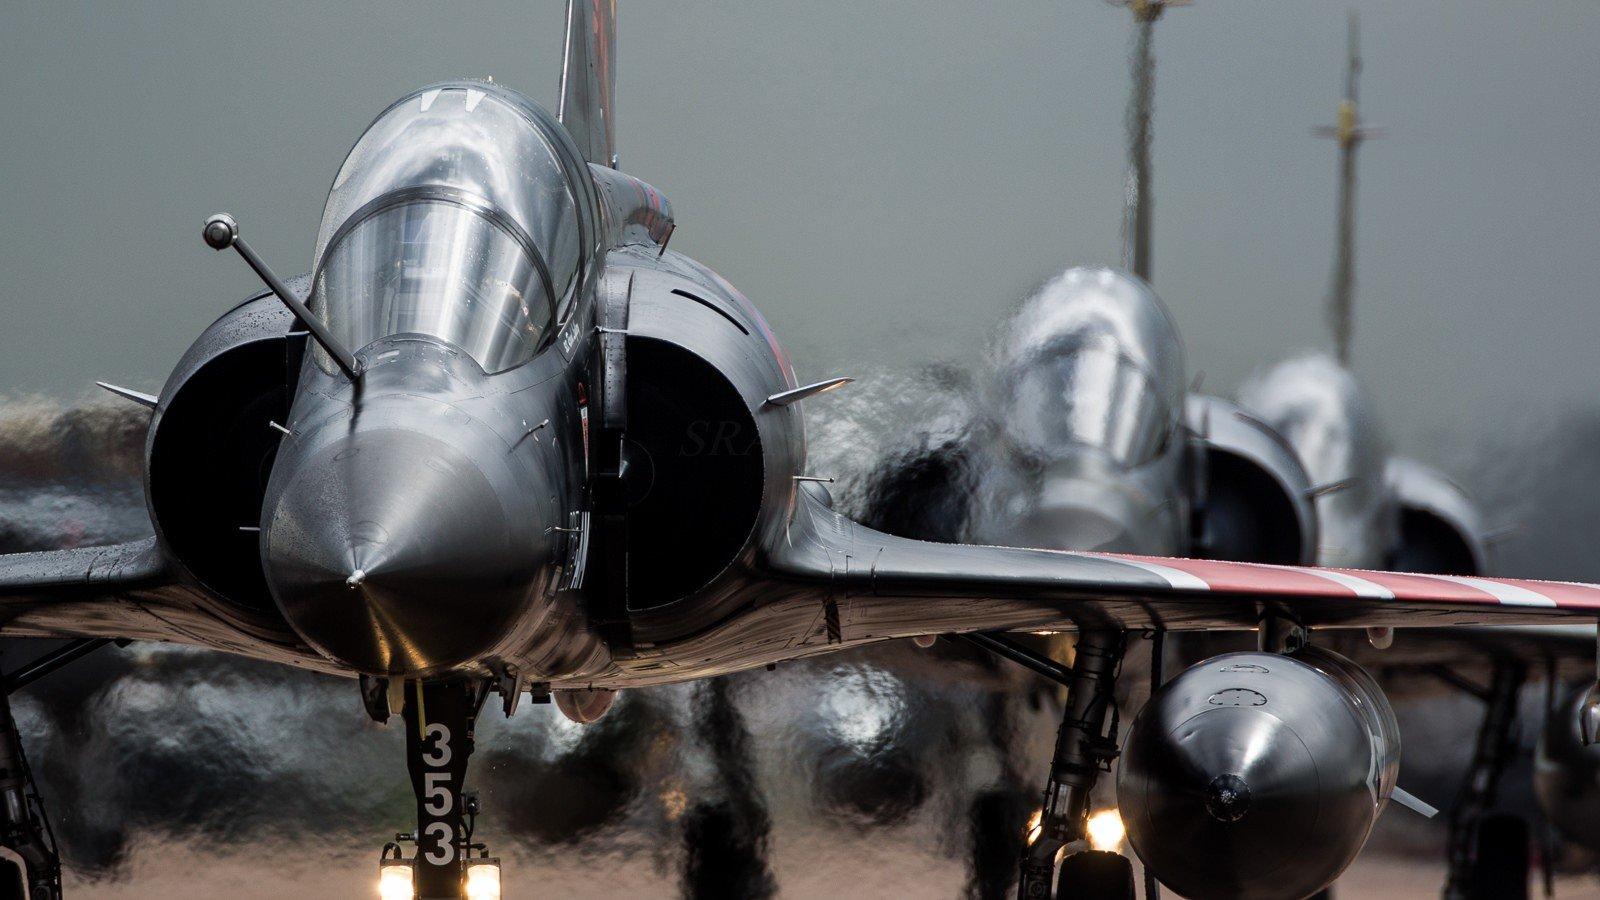 Fondos De Pantalla 1600x900 Px Fuerza Aerea Avión